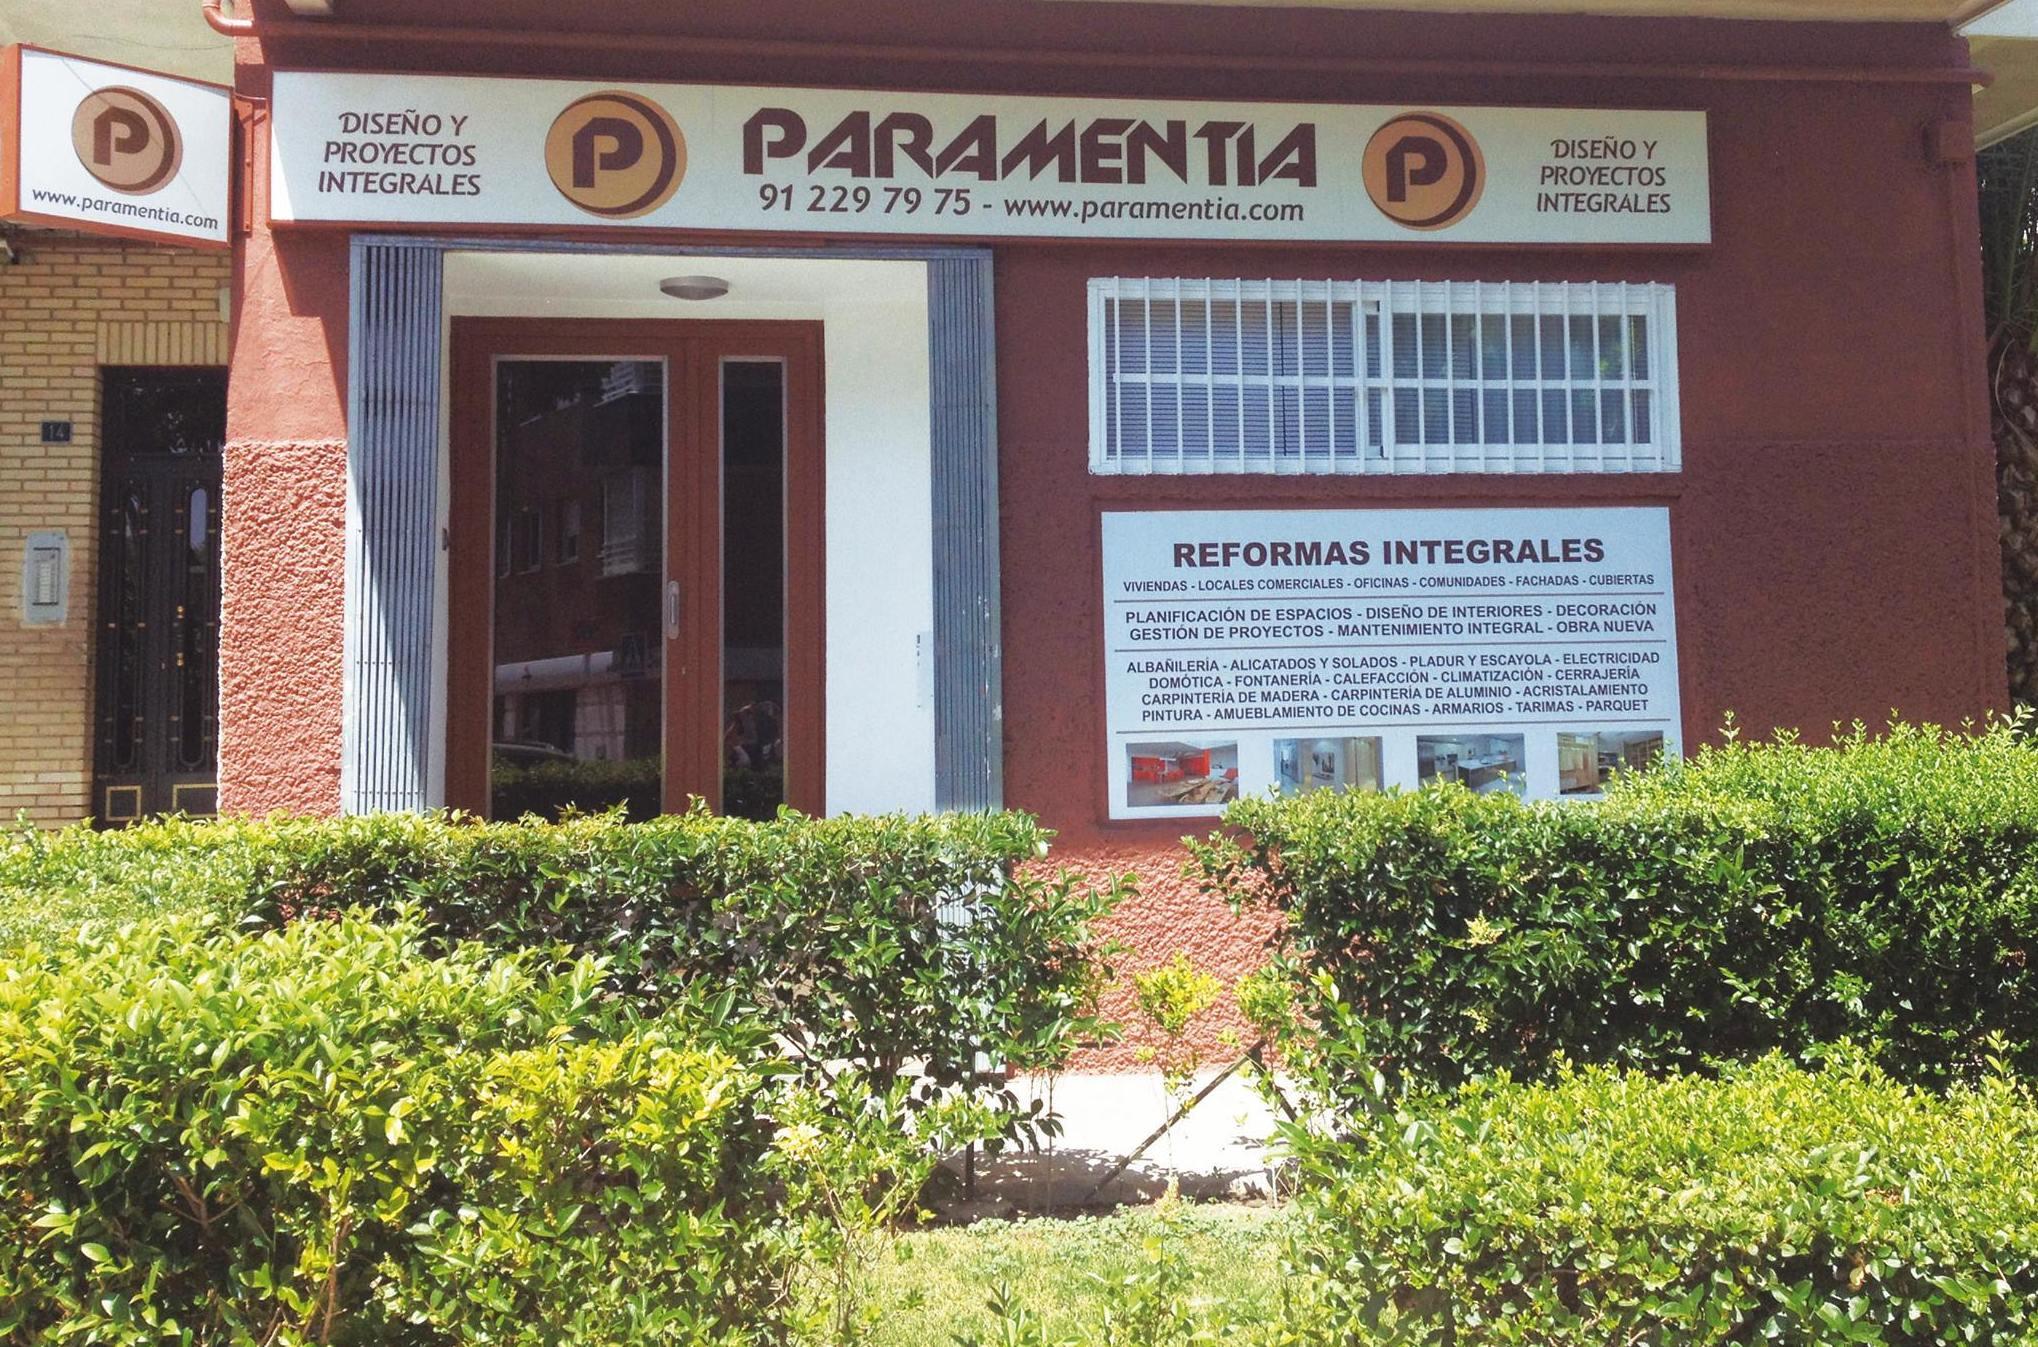 Empresa de reformas en San Sebastián de los Reyes (Paramentia)